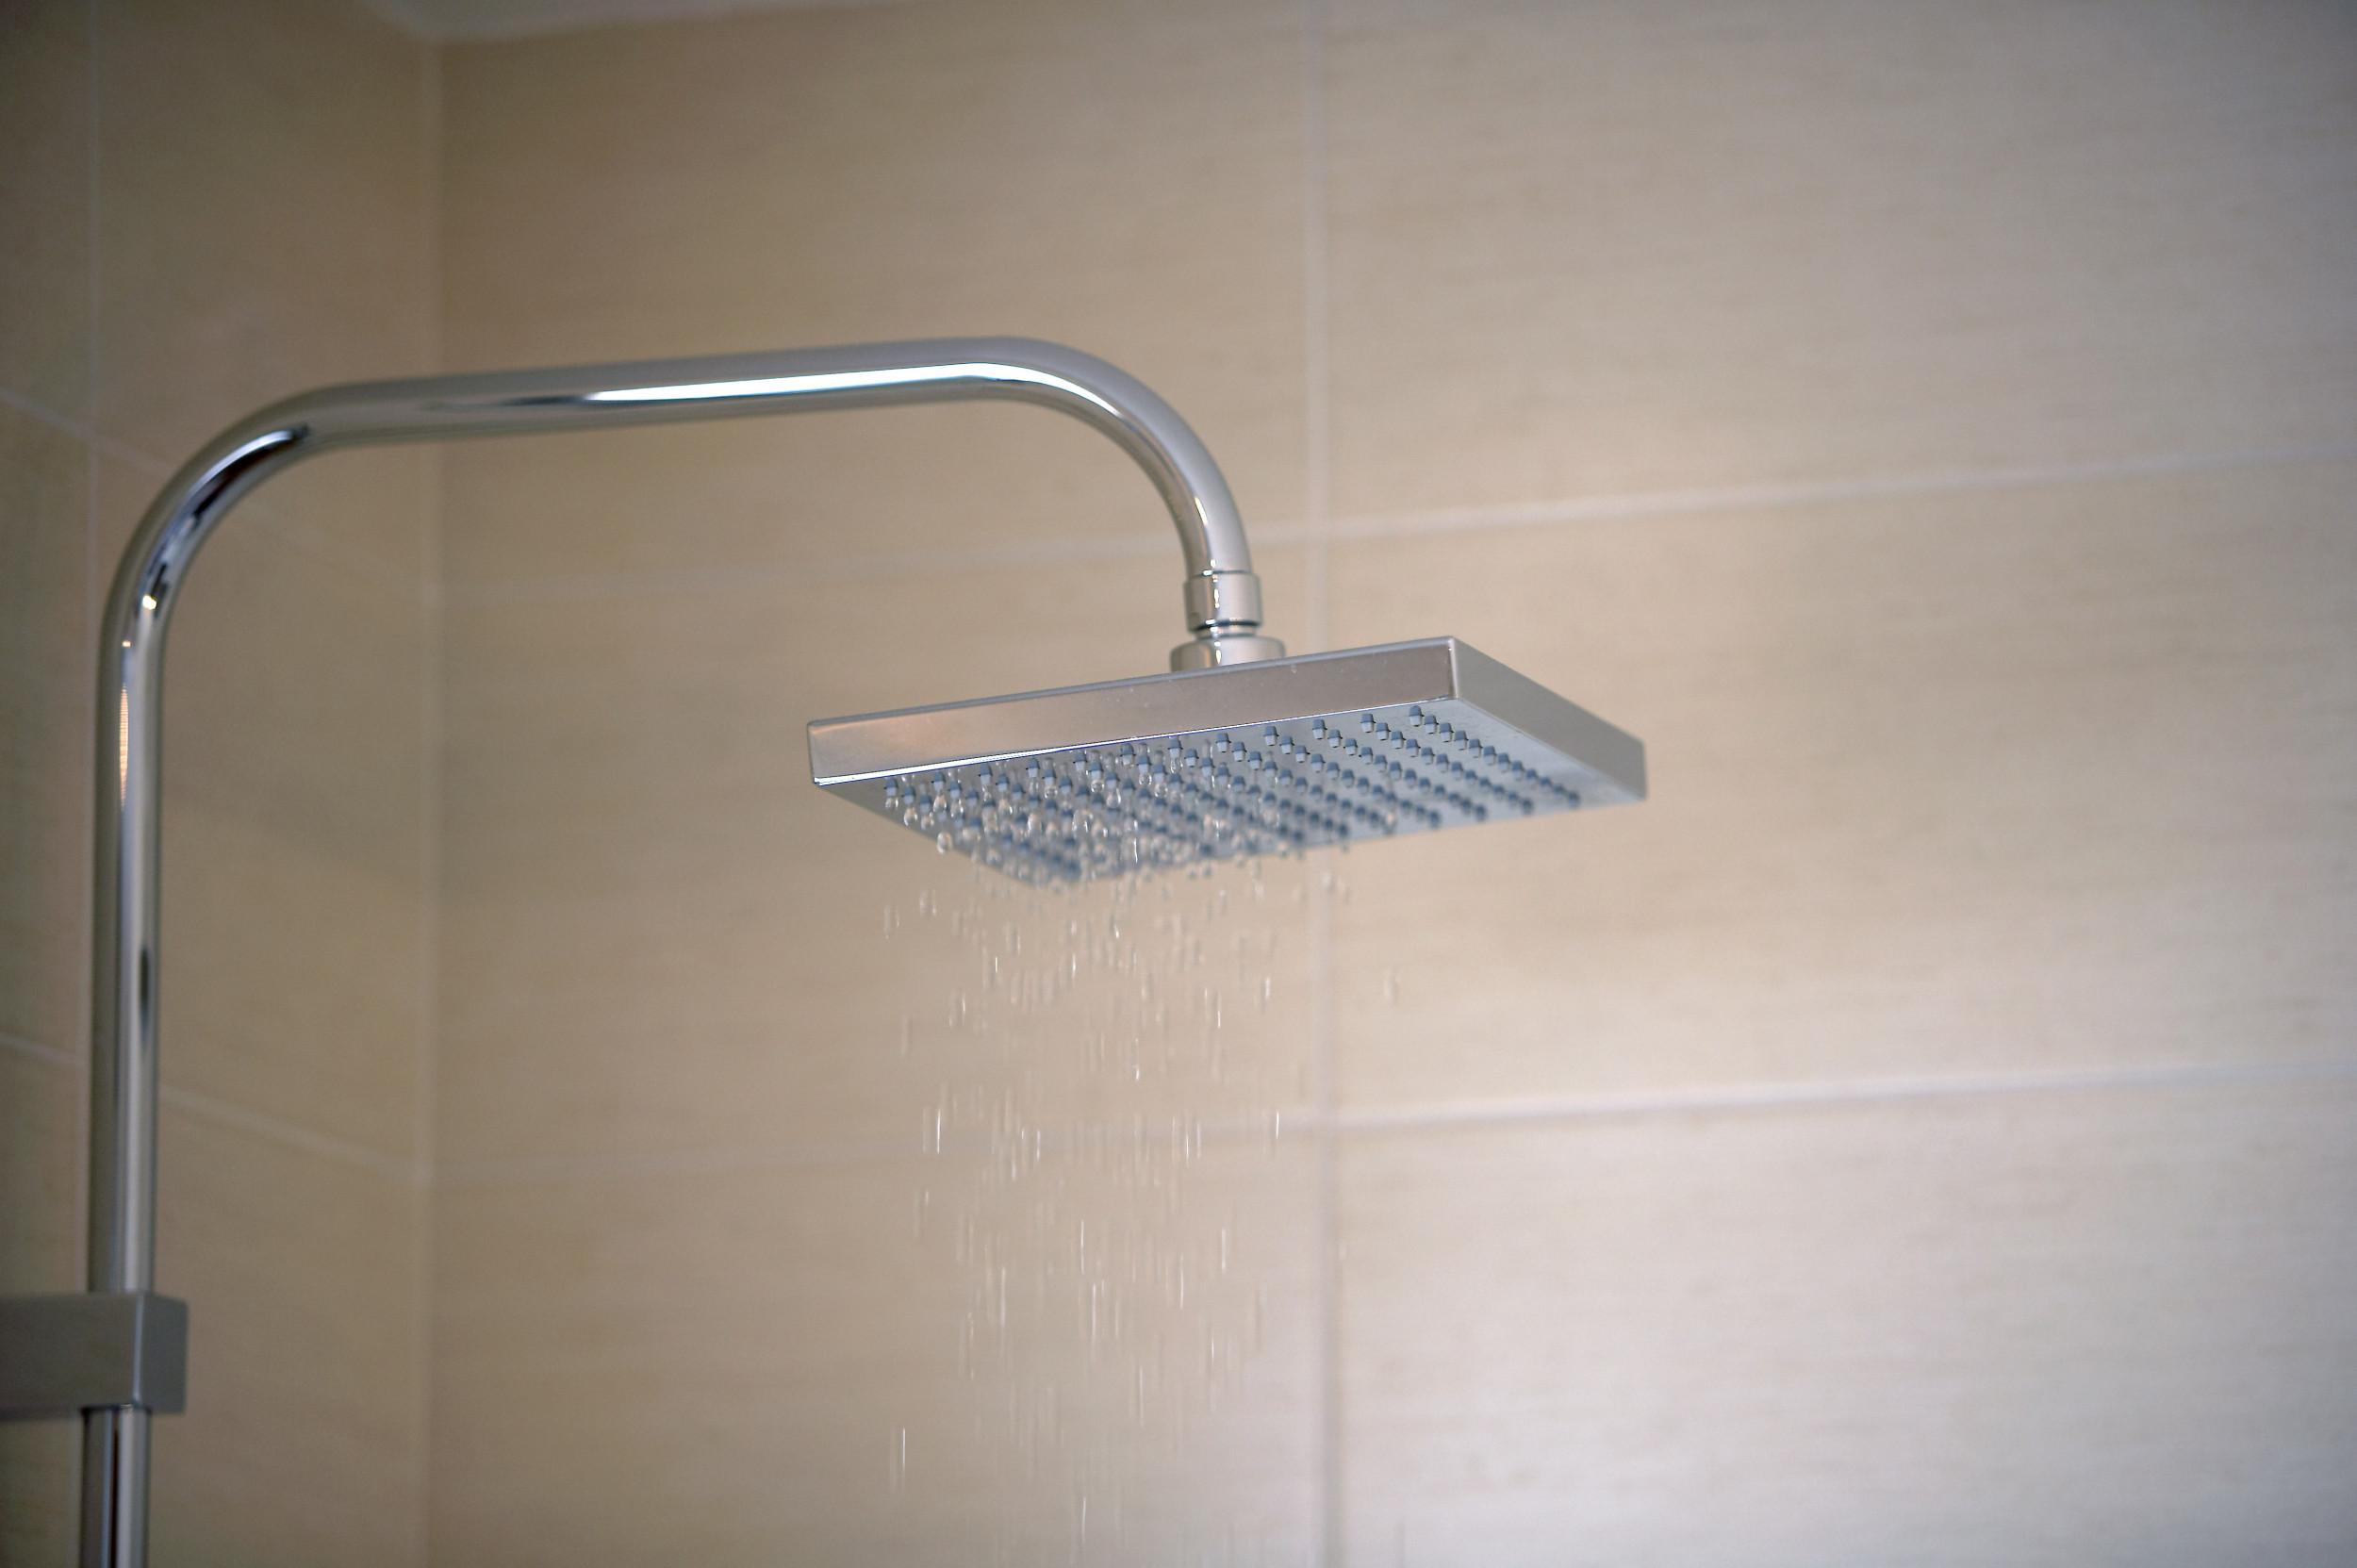 Homeowner finds naked intruder in her bathtub eating